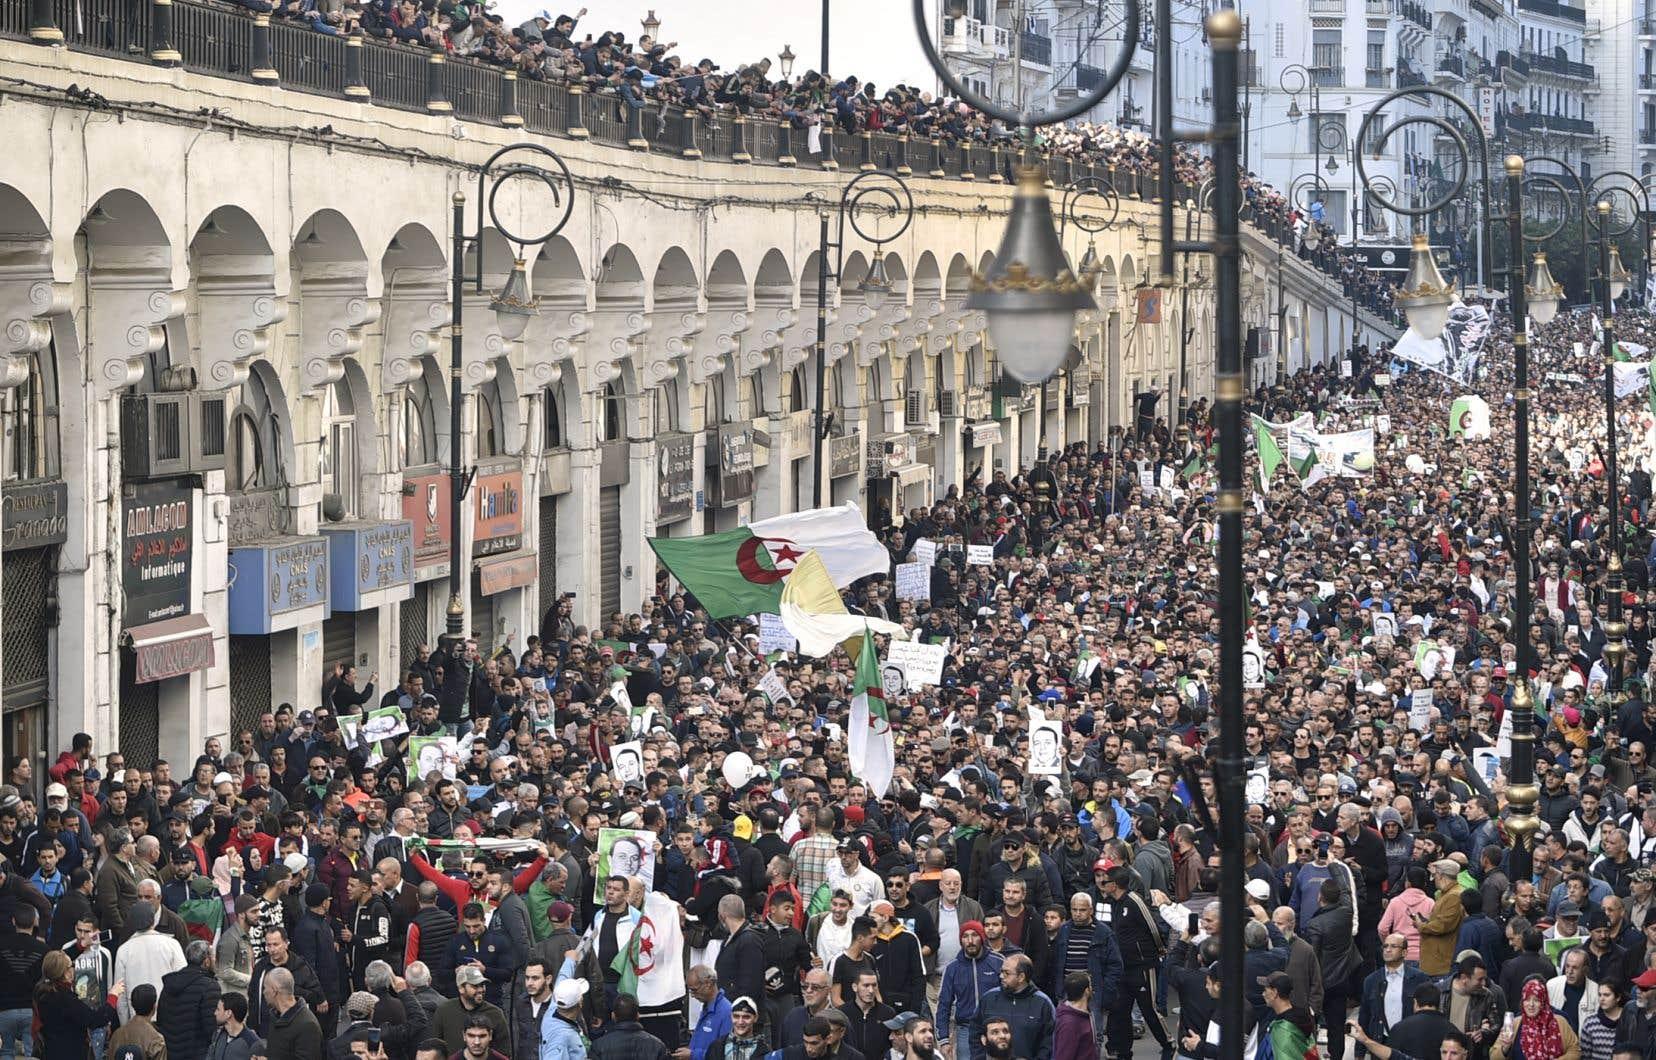 Vendredi, des dizaines de milliers de personnes ont à nouveau participé à la manifestation hebdomadaire dans les rues d'Alger.